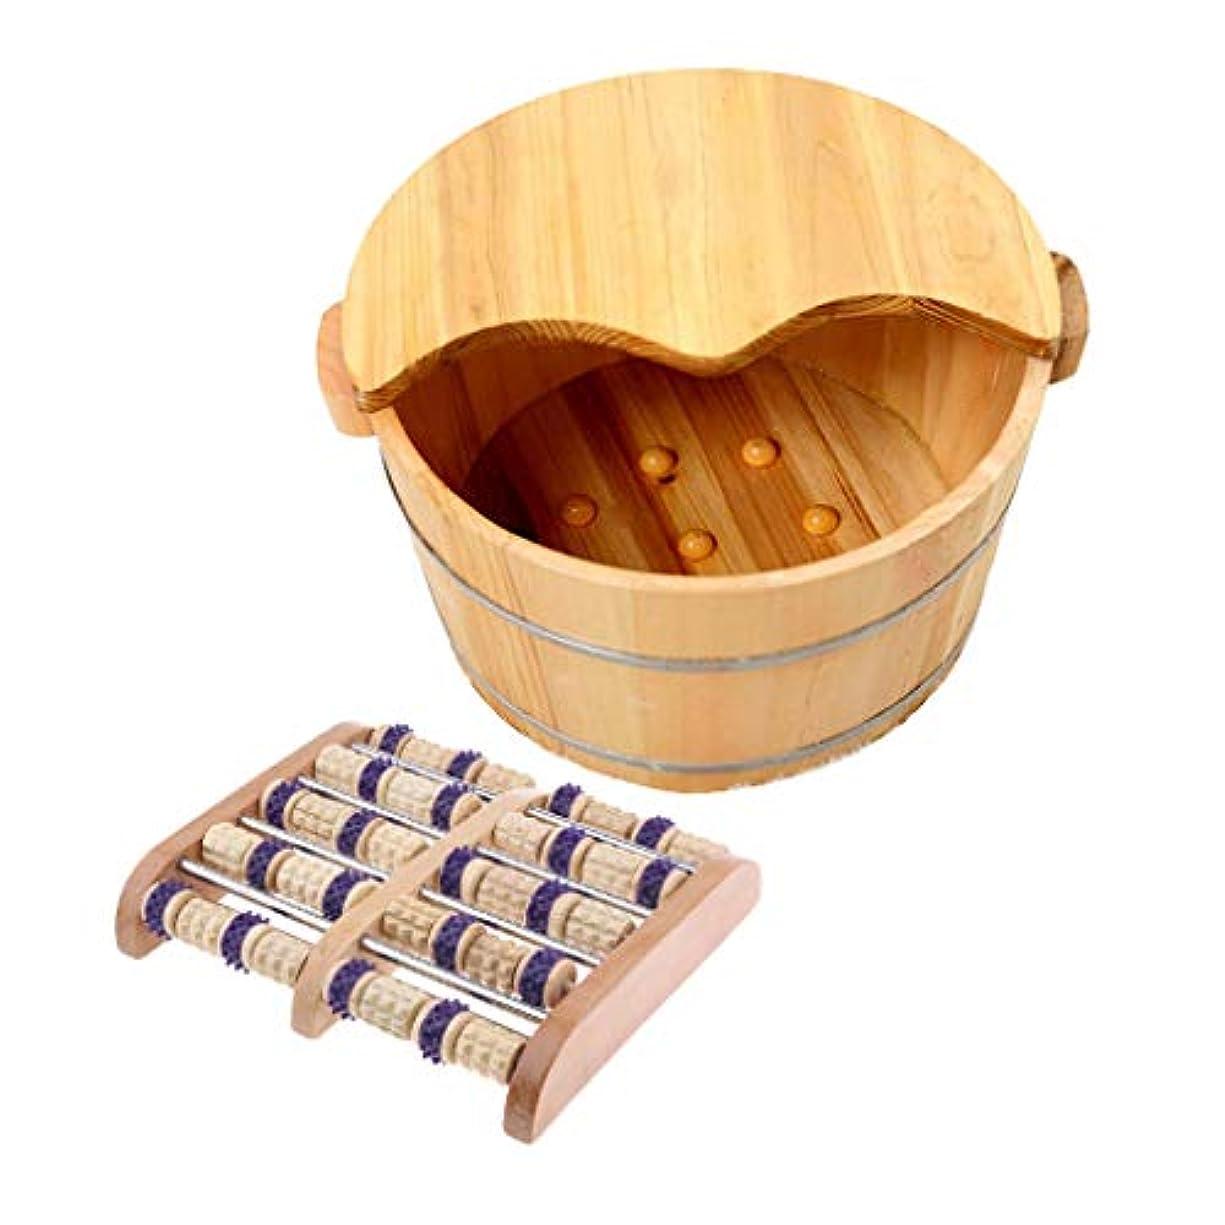 フレット意外バトルCUTICATE 足つぼマッサージ器 手作りウッドフットマッサー 木製の足の洗面台付き 足裏 ツボ押 血行促進